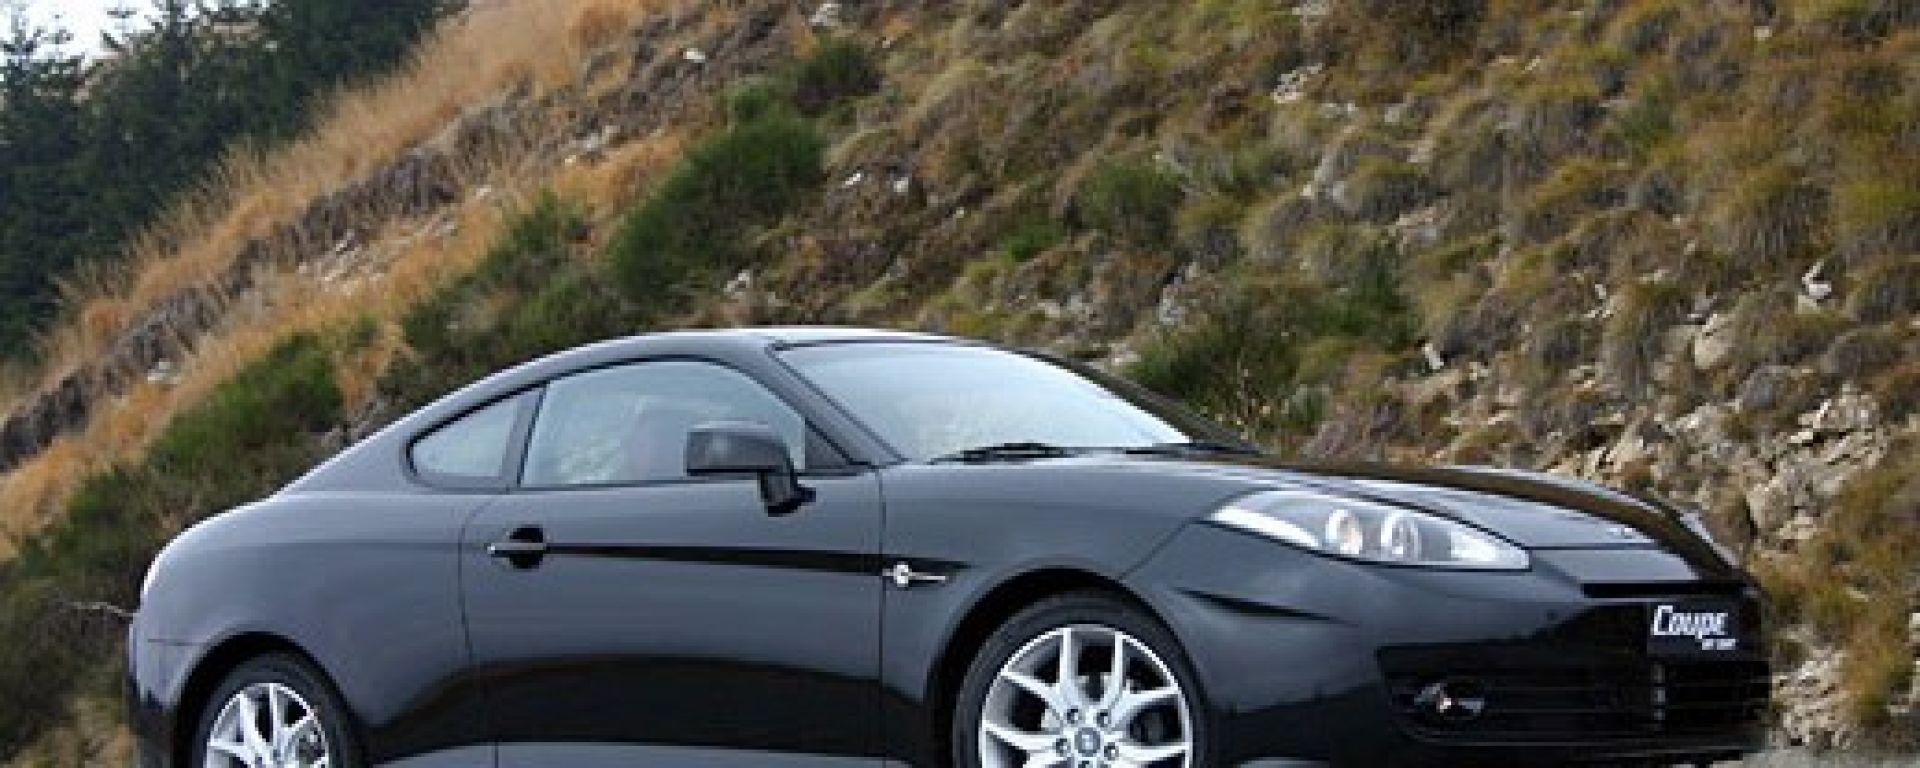 Hyundai Coupe 1.6